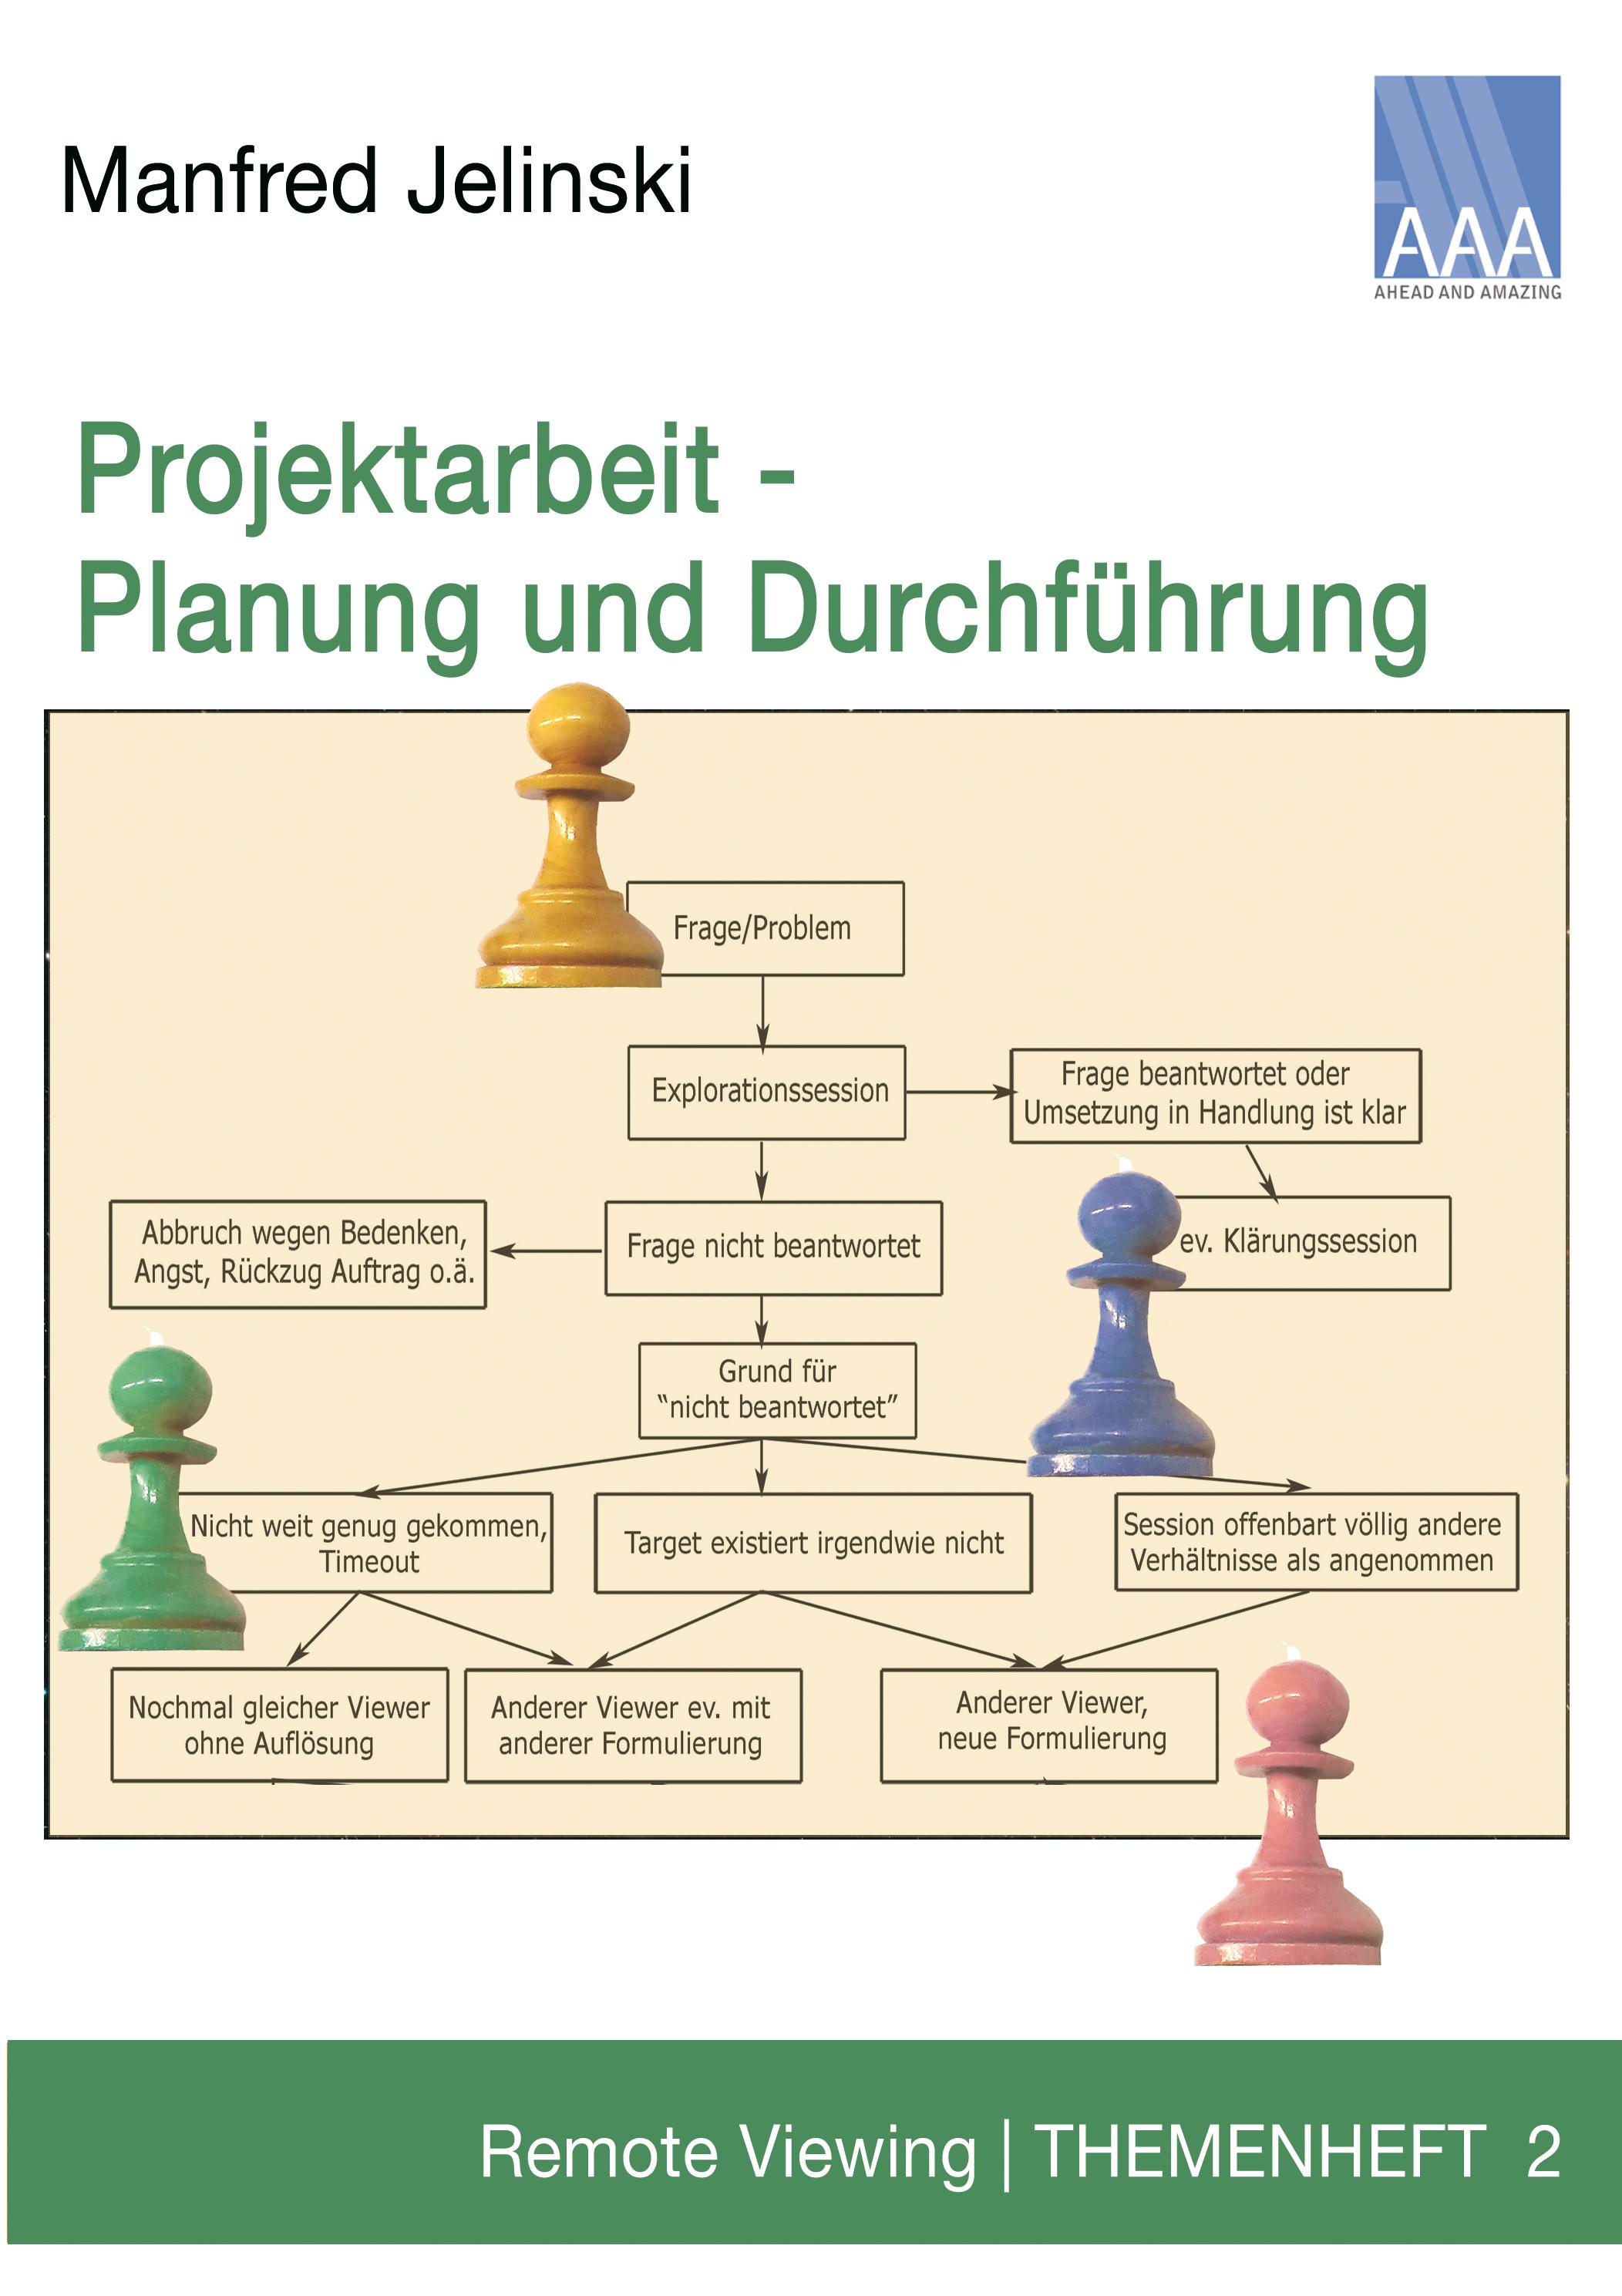 RV-THEMENHEFT 2 | Projektarbeit - Planung und Durchführung